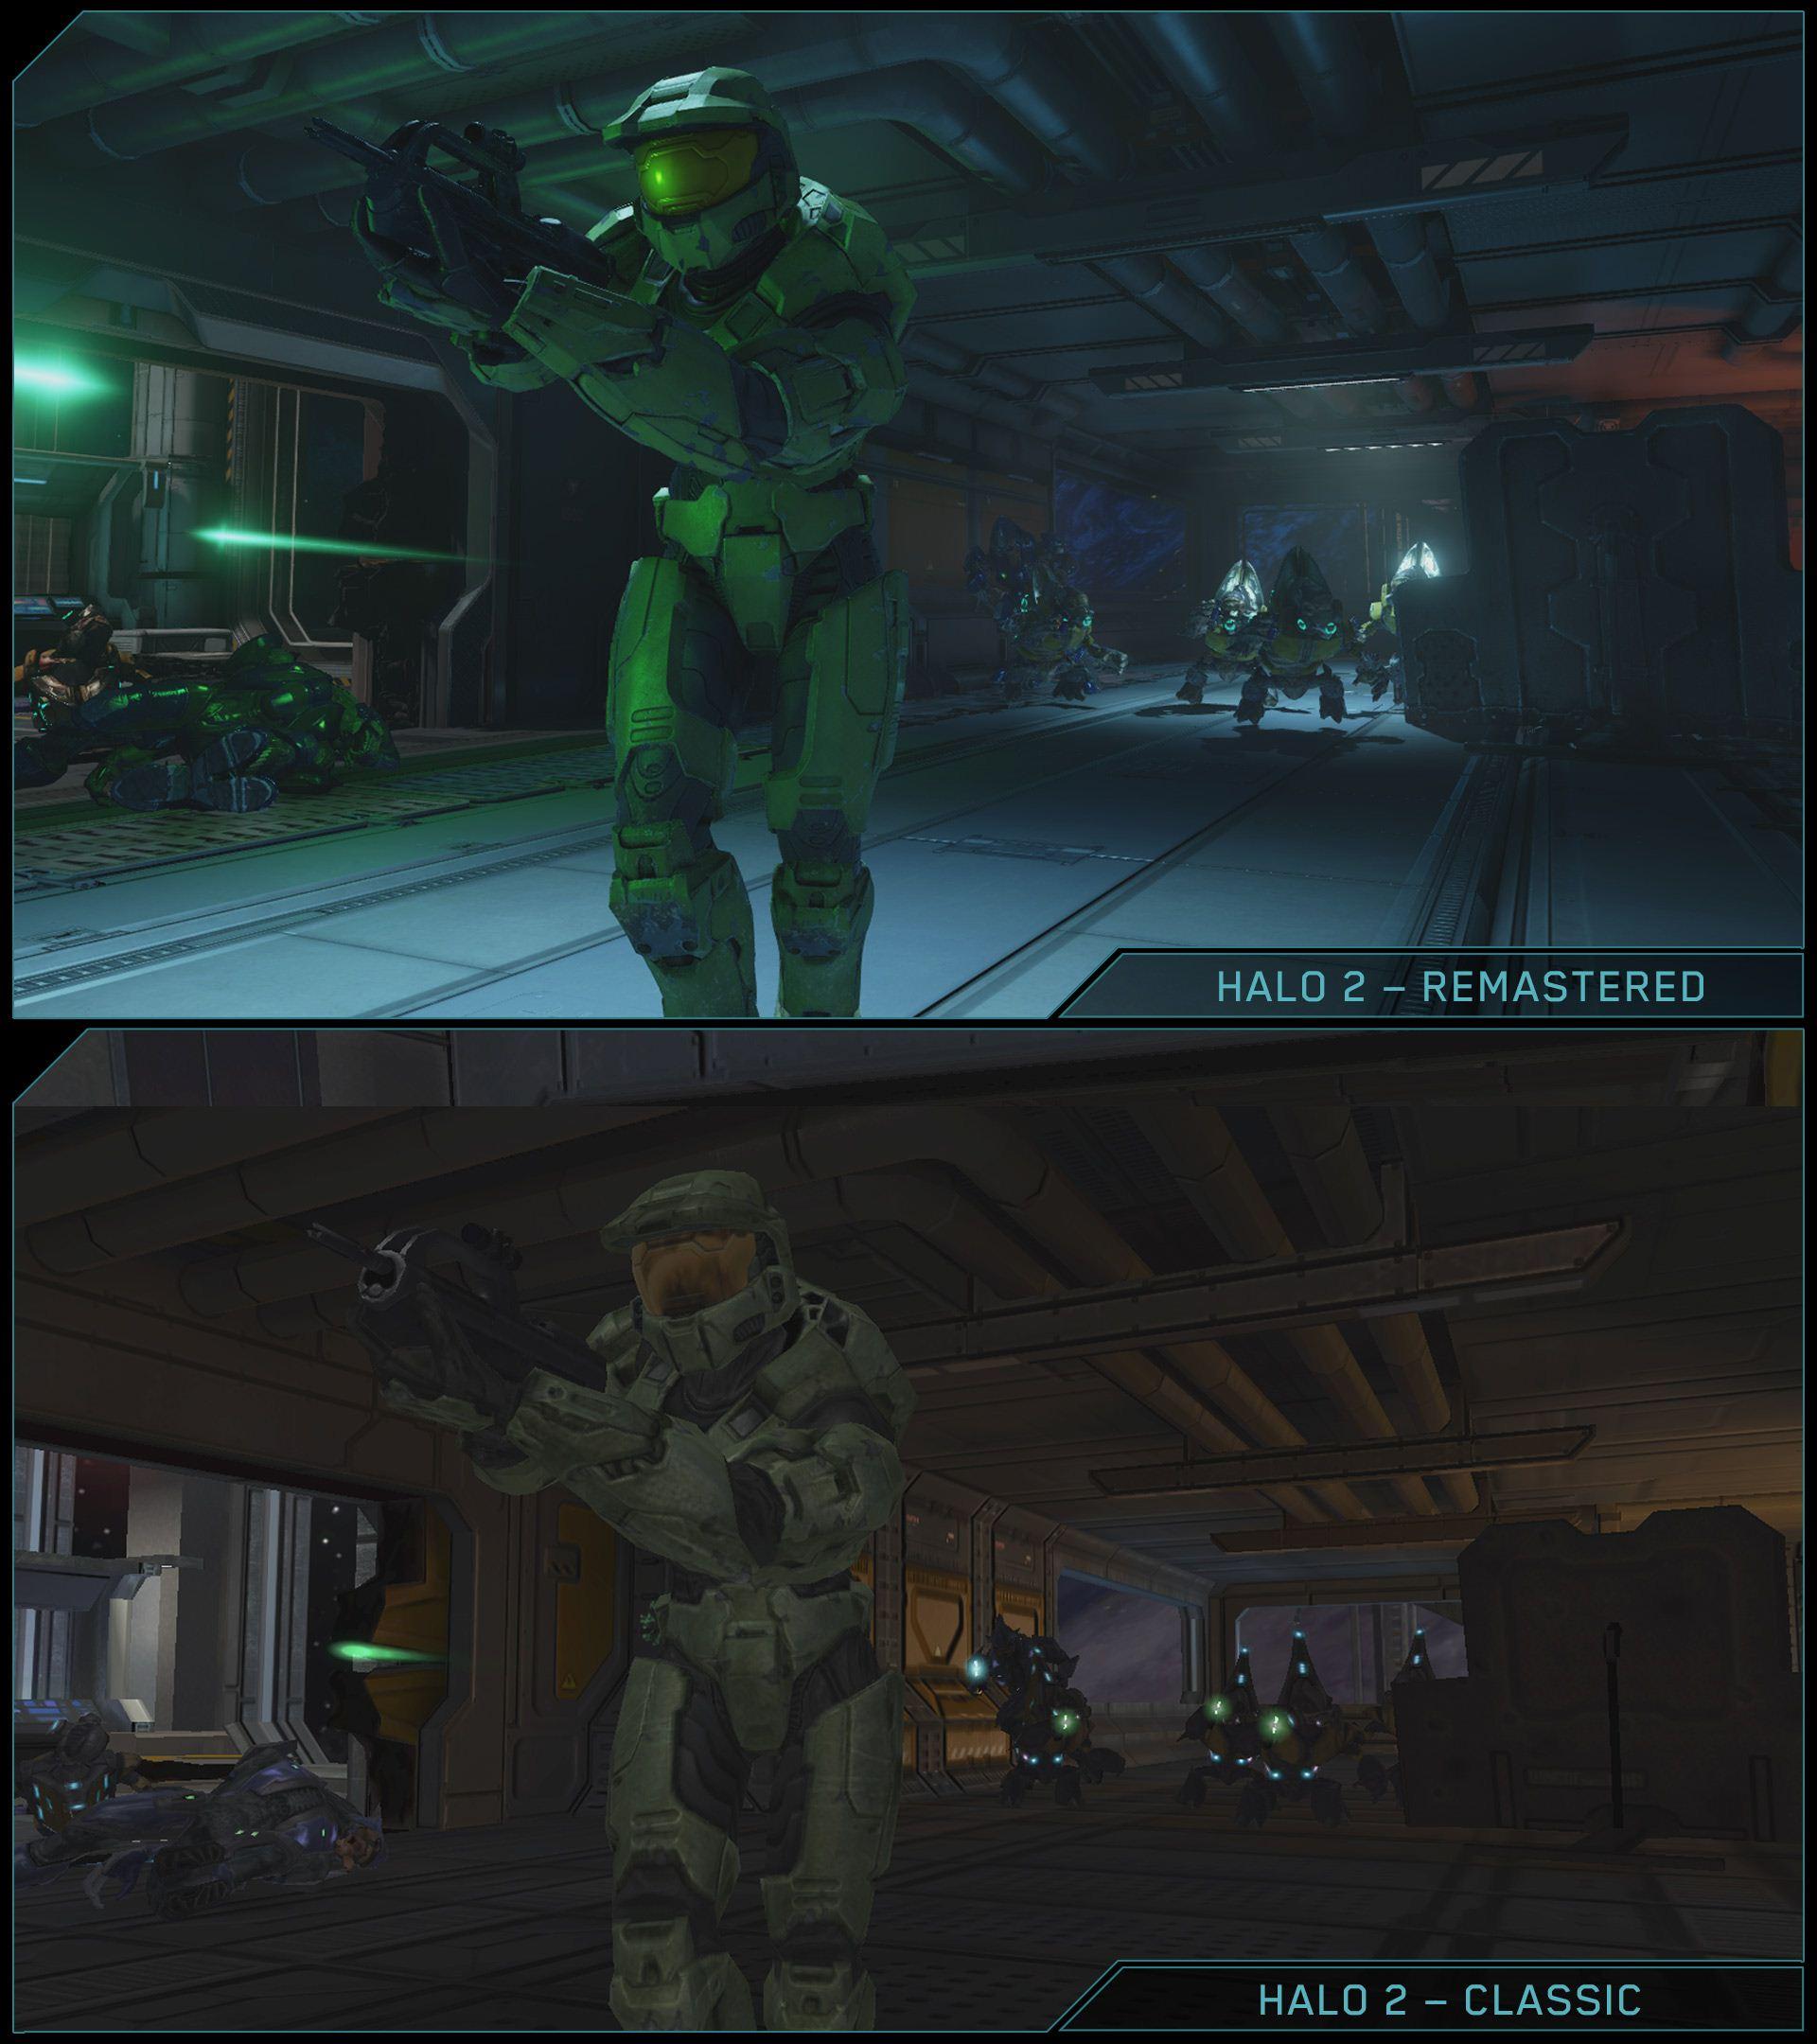 mcc halo graphics comparison - photo #1